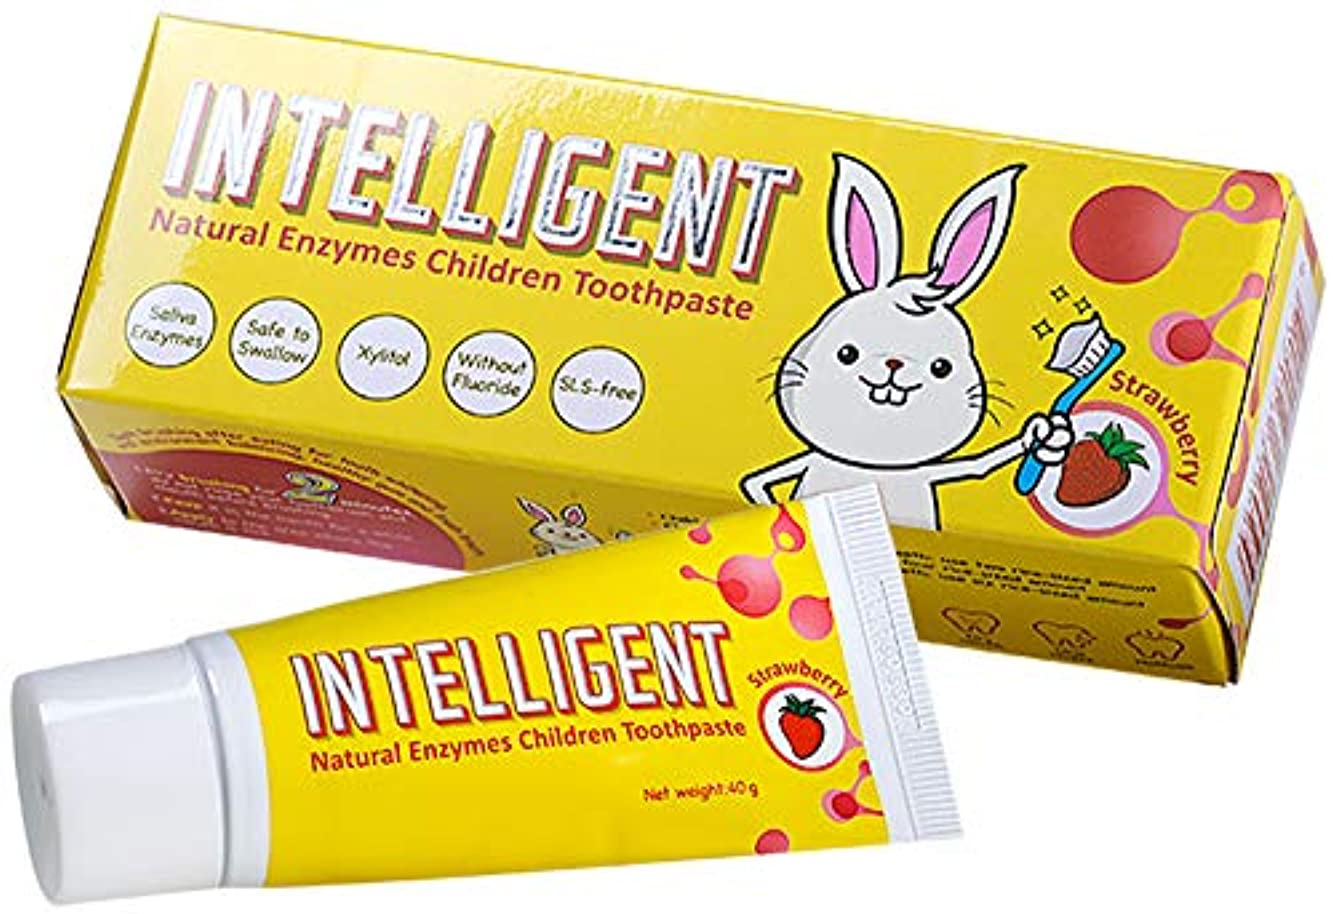 シプリー仲間インテリジェント唾液の自浄酵素入り子供用歯磨き粉40g【フッ素無し、泡立ちなし、うがい不要、辛くない】【低刺激 こども用ハミガキ粉、低研磨 子ども用はみがき粉】【イチゴ, 1個】